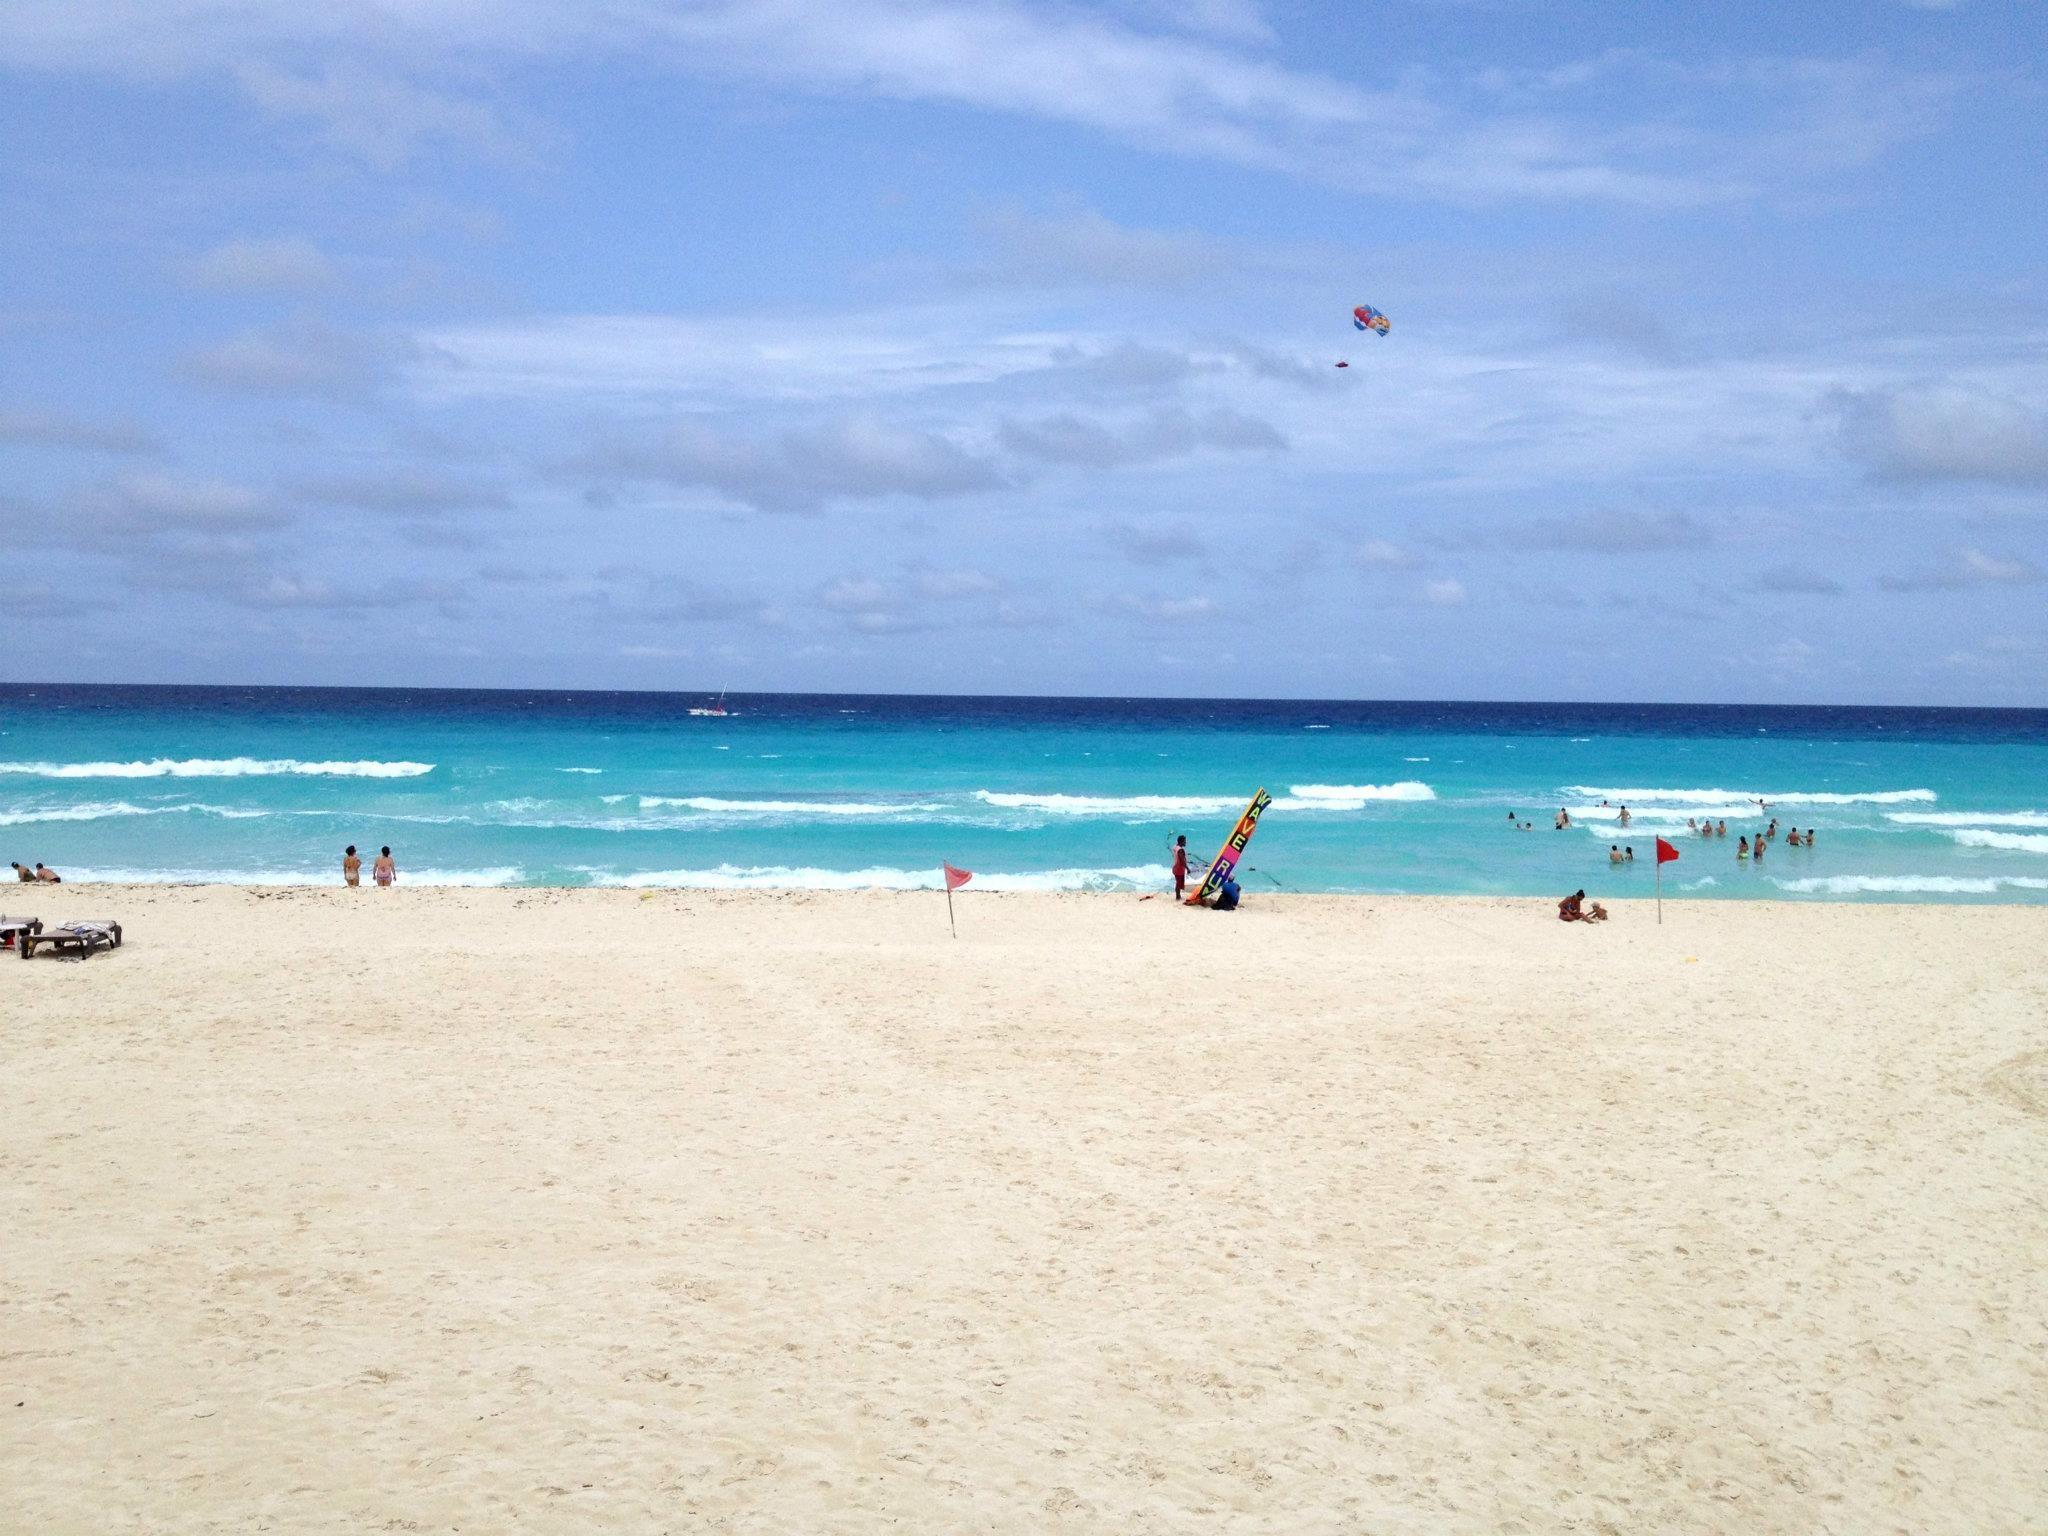 The 10 Best Beaches in Cancun | Beach Hotels & Resorts